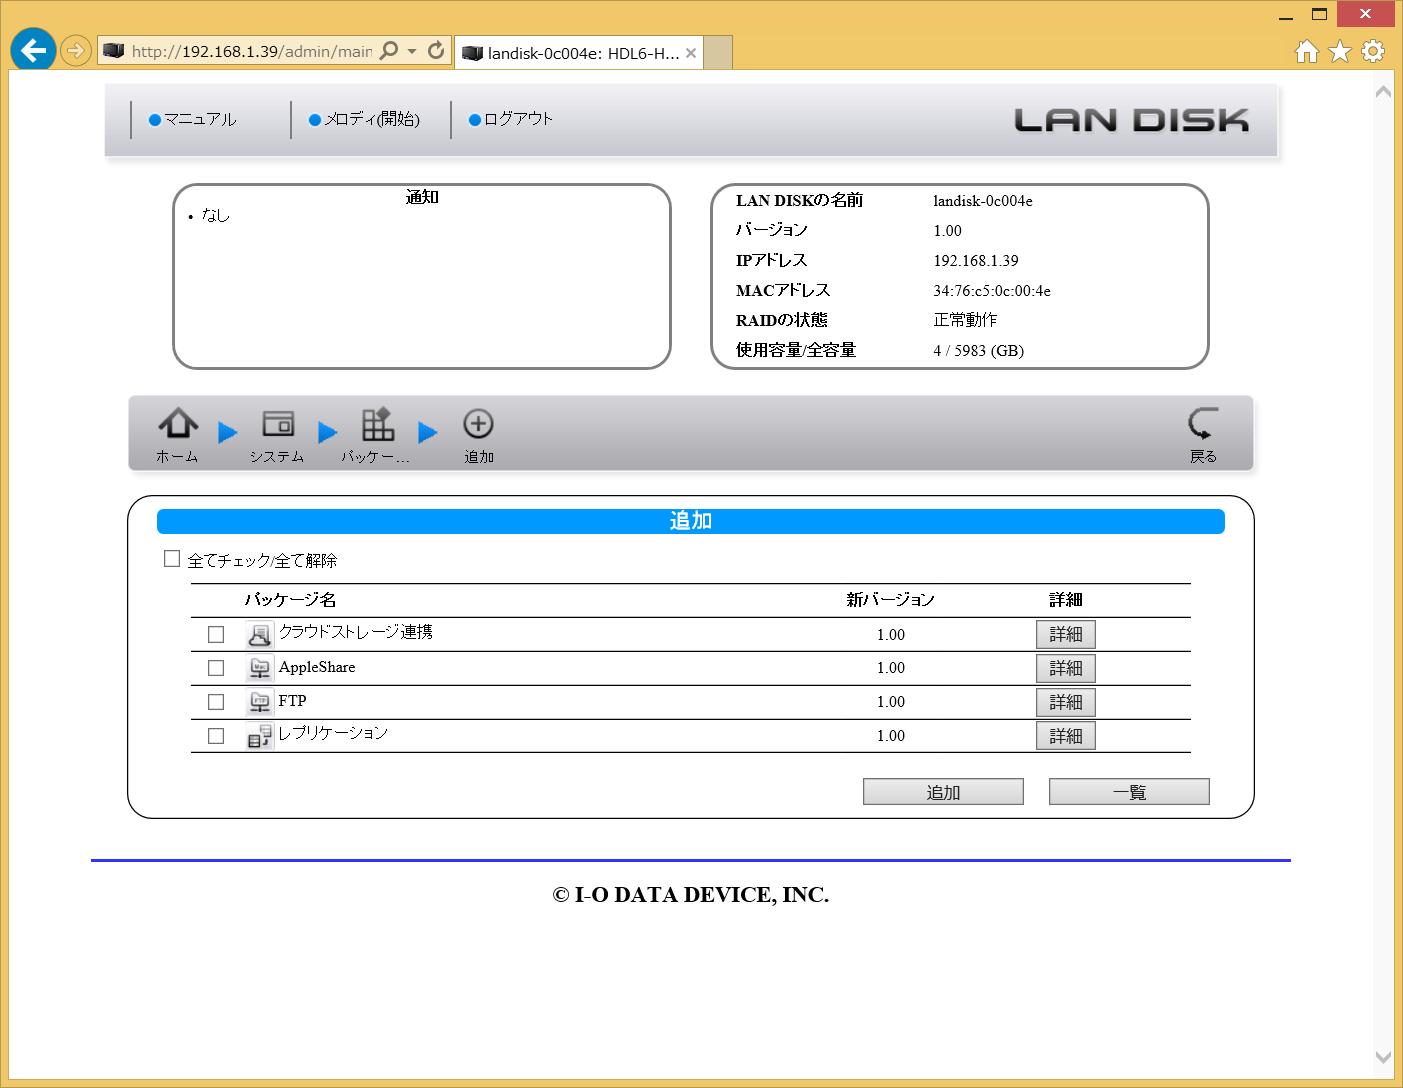 同社のサーバーからパッケージをダウンロードすることで機能を追加できる